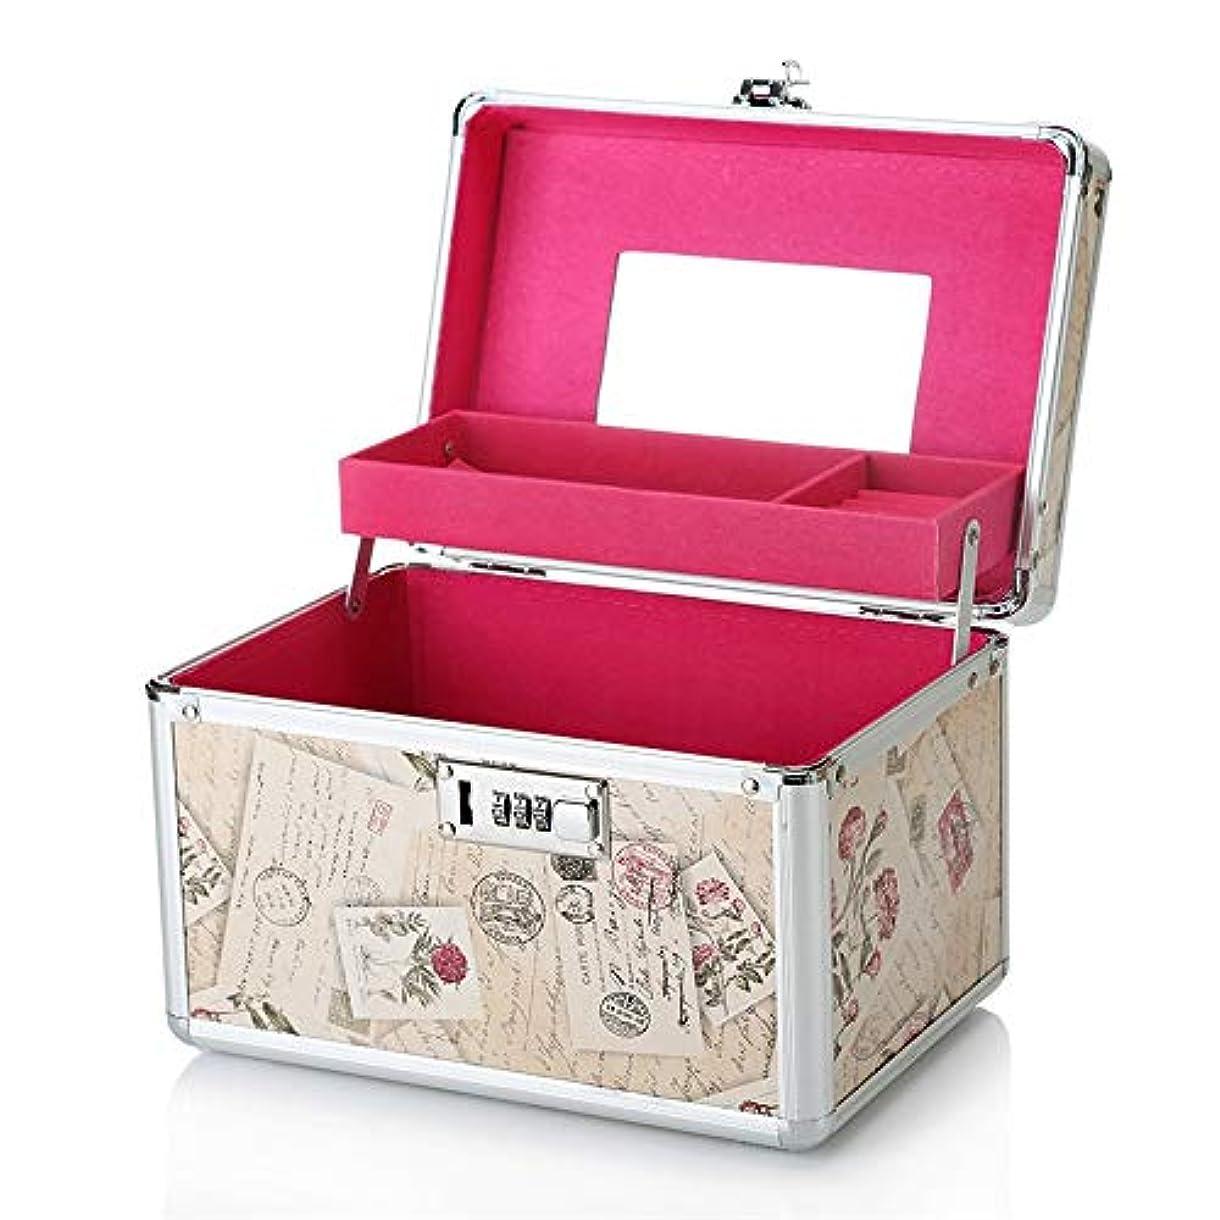 ハンカチチャネル促進する化粧オーガナイザーバッグ 旅行のメイクアップバッグメイク化粧品バッグトイレタリー化粧ケース 化粧品ケース